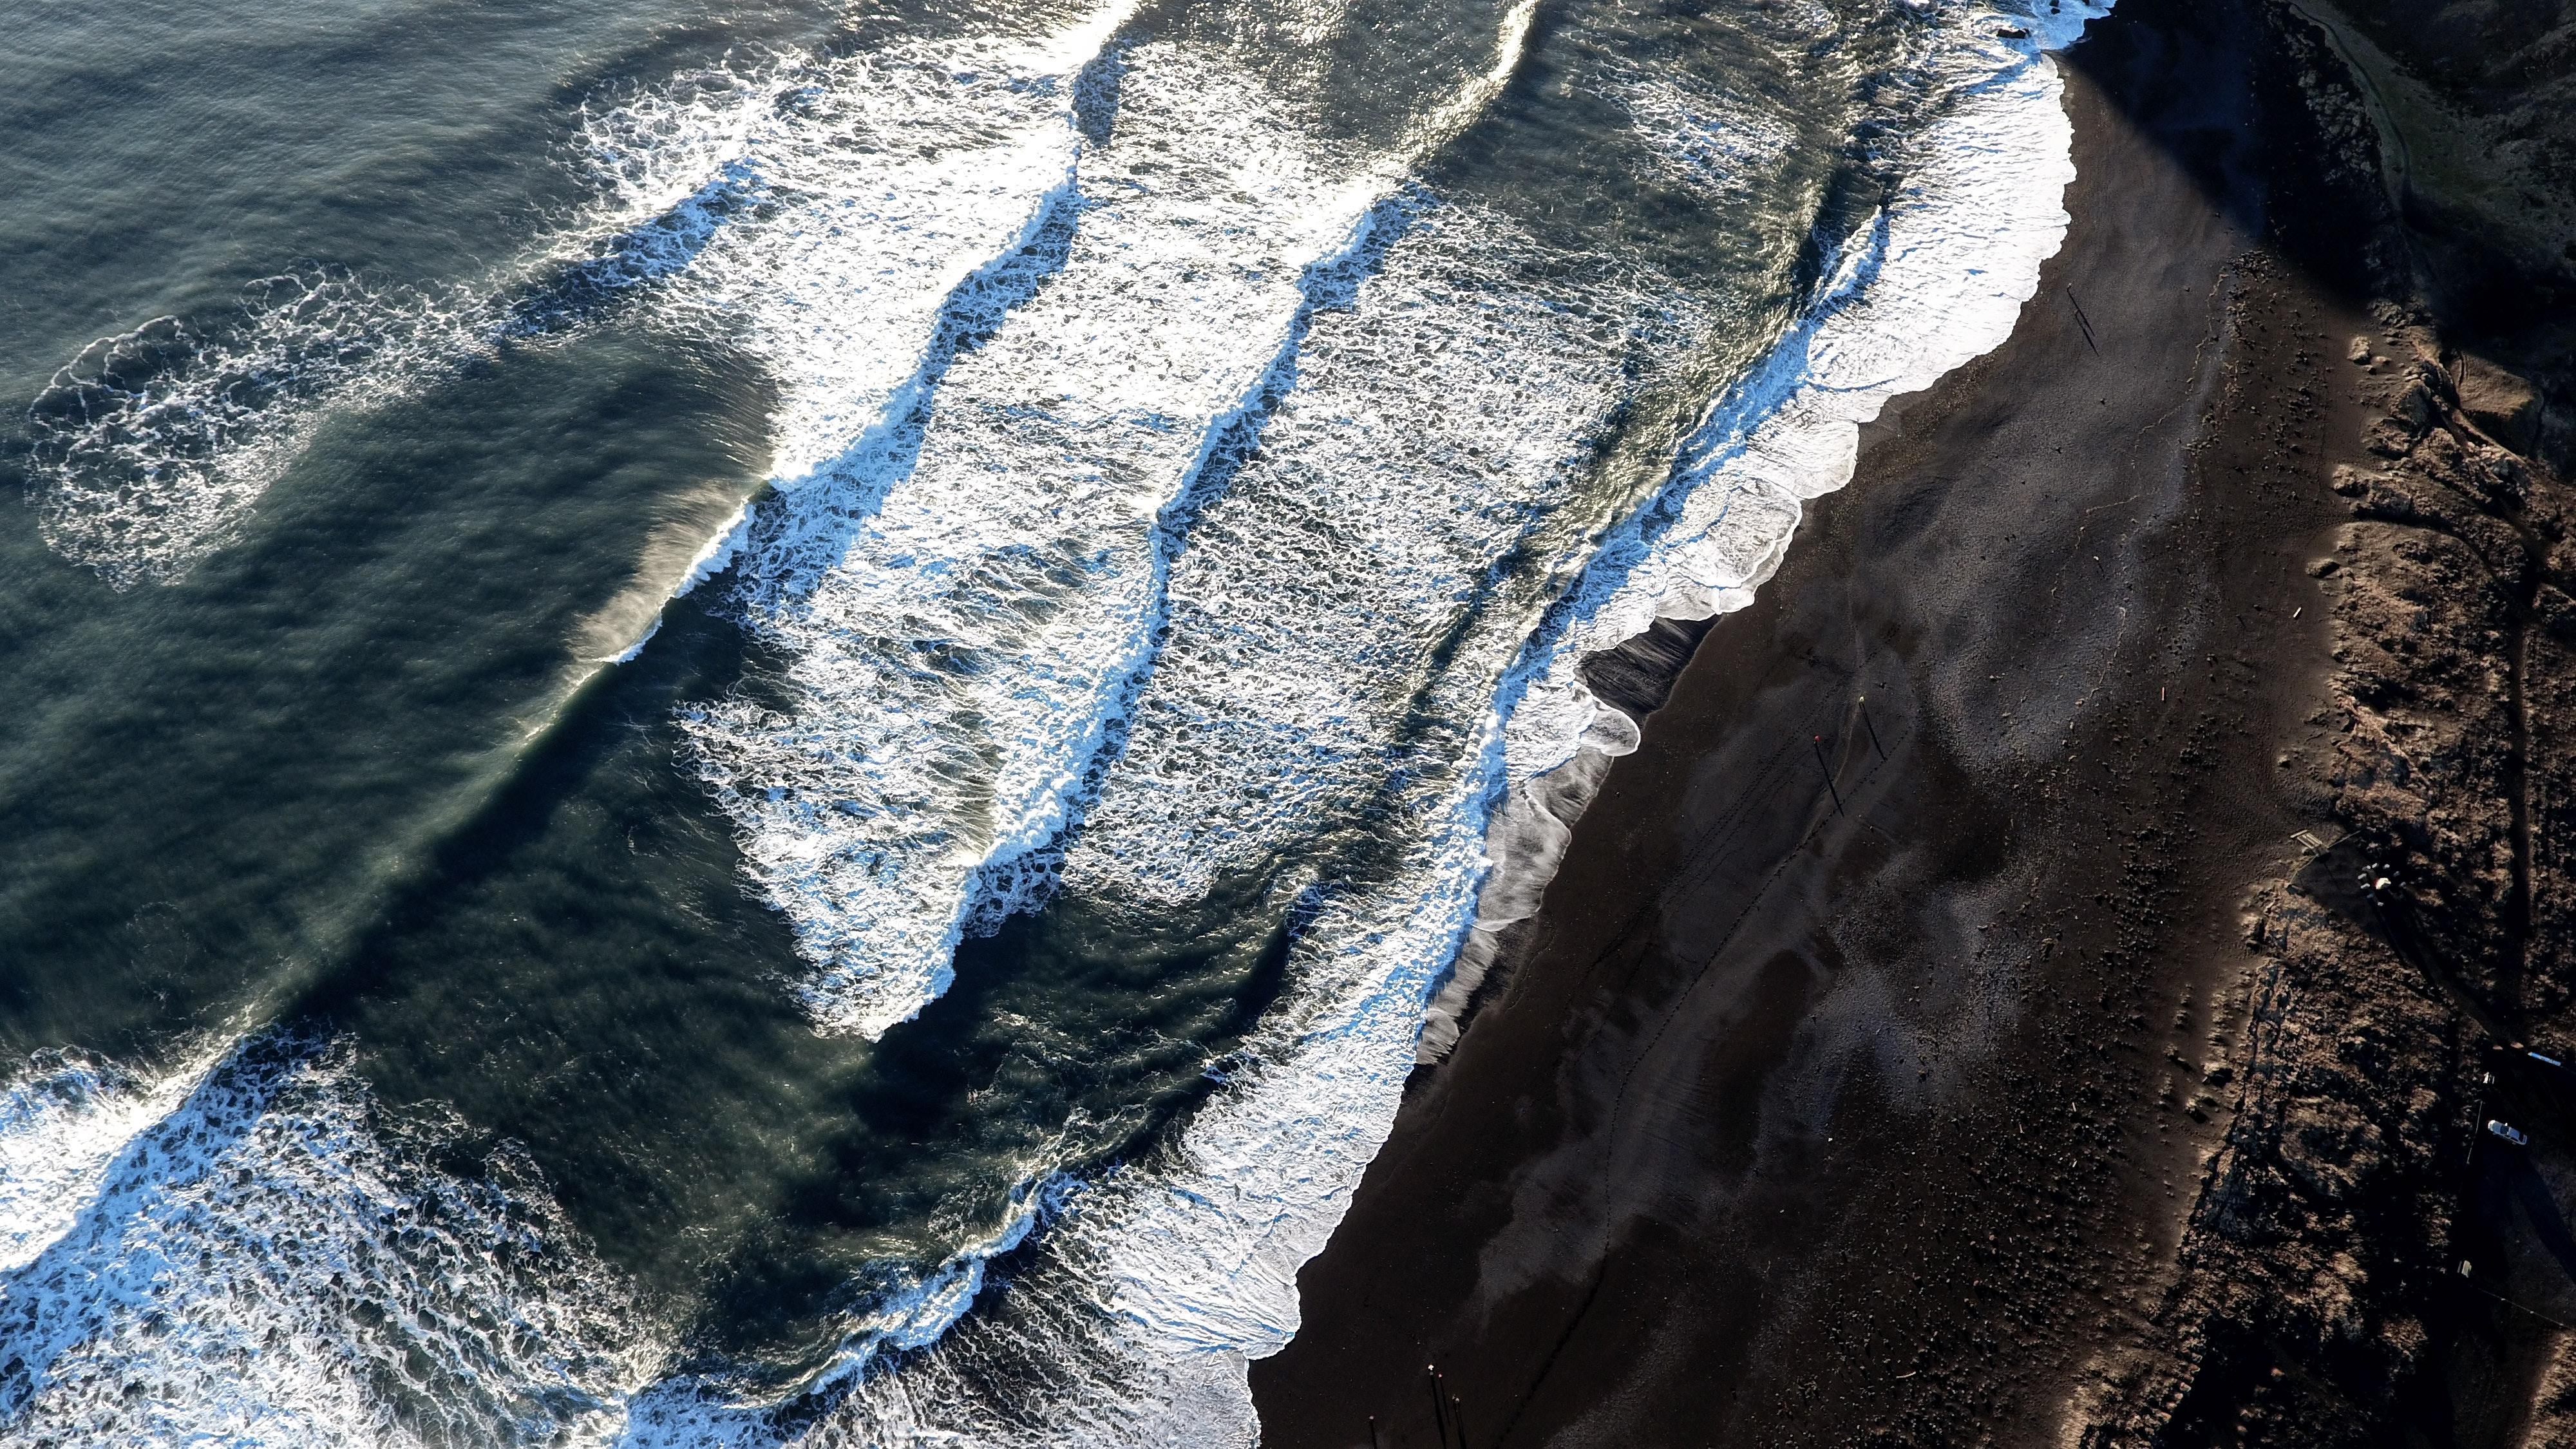 Aerial view of Reynisfjara's dangerous waves in January